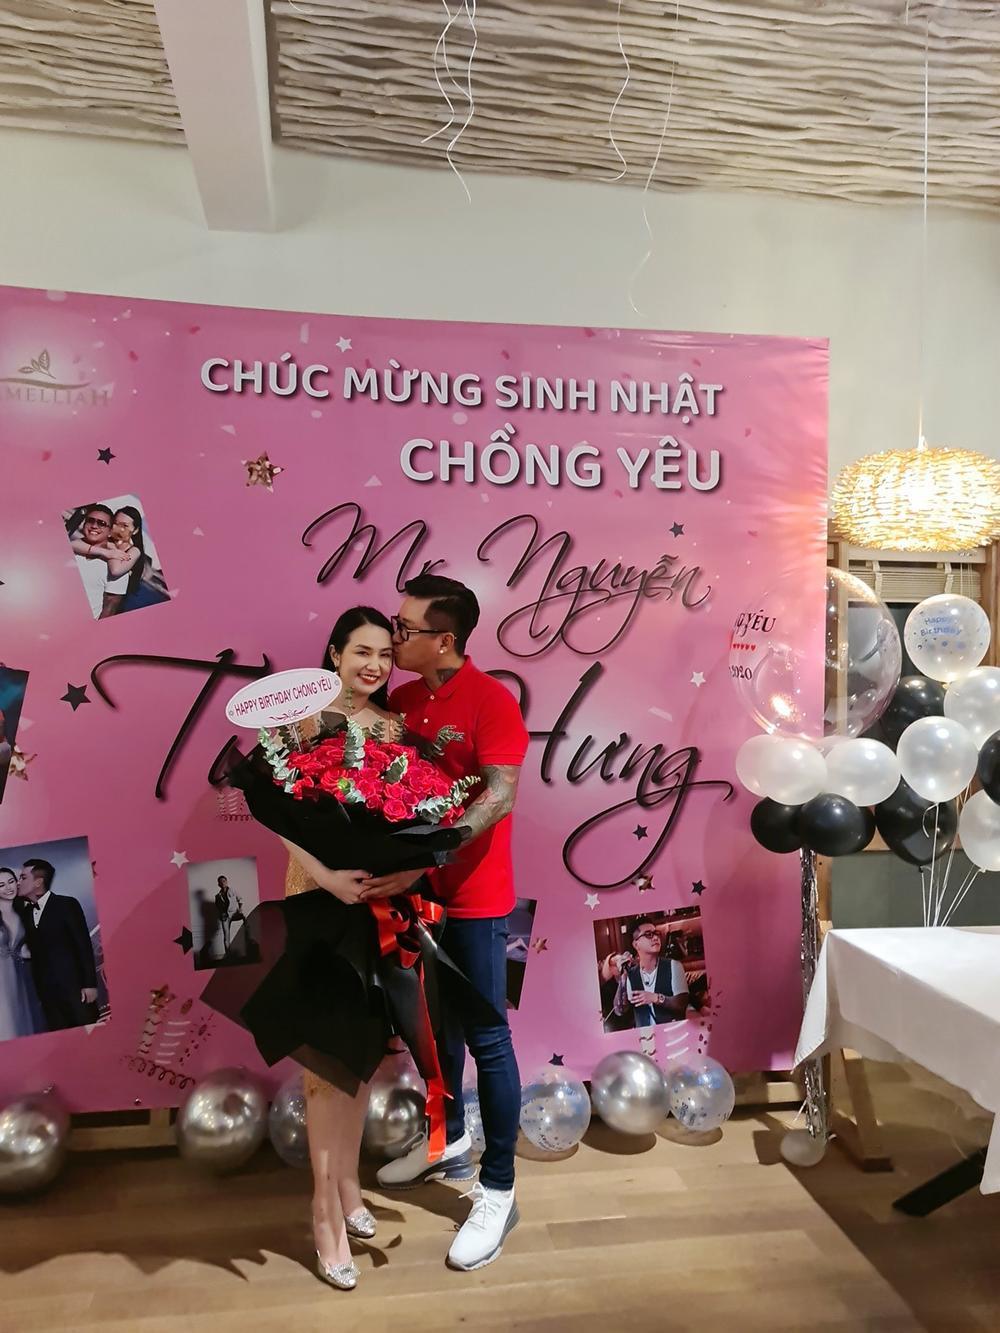 Tuấn Hưng hạnh phúc vì được bà xã Hương Baby tổ chức sinh nhật bất ngờ Ảnh 1